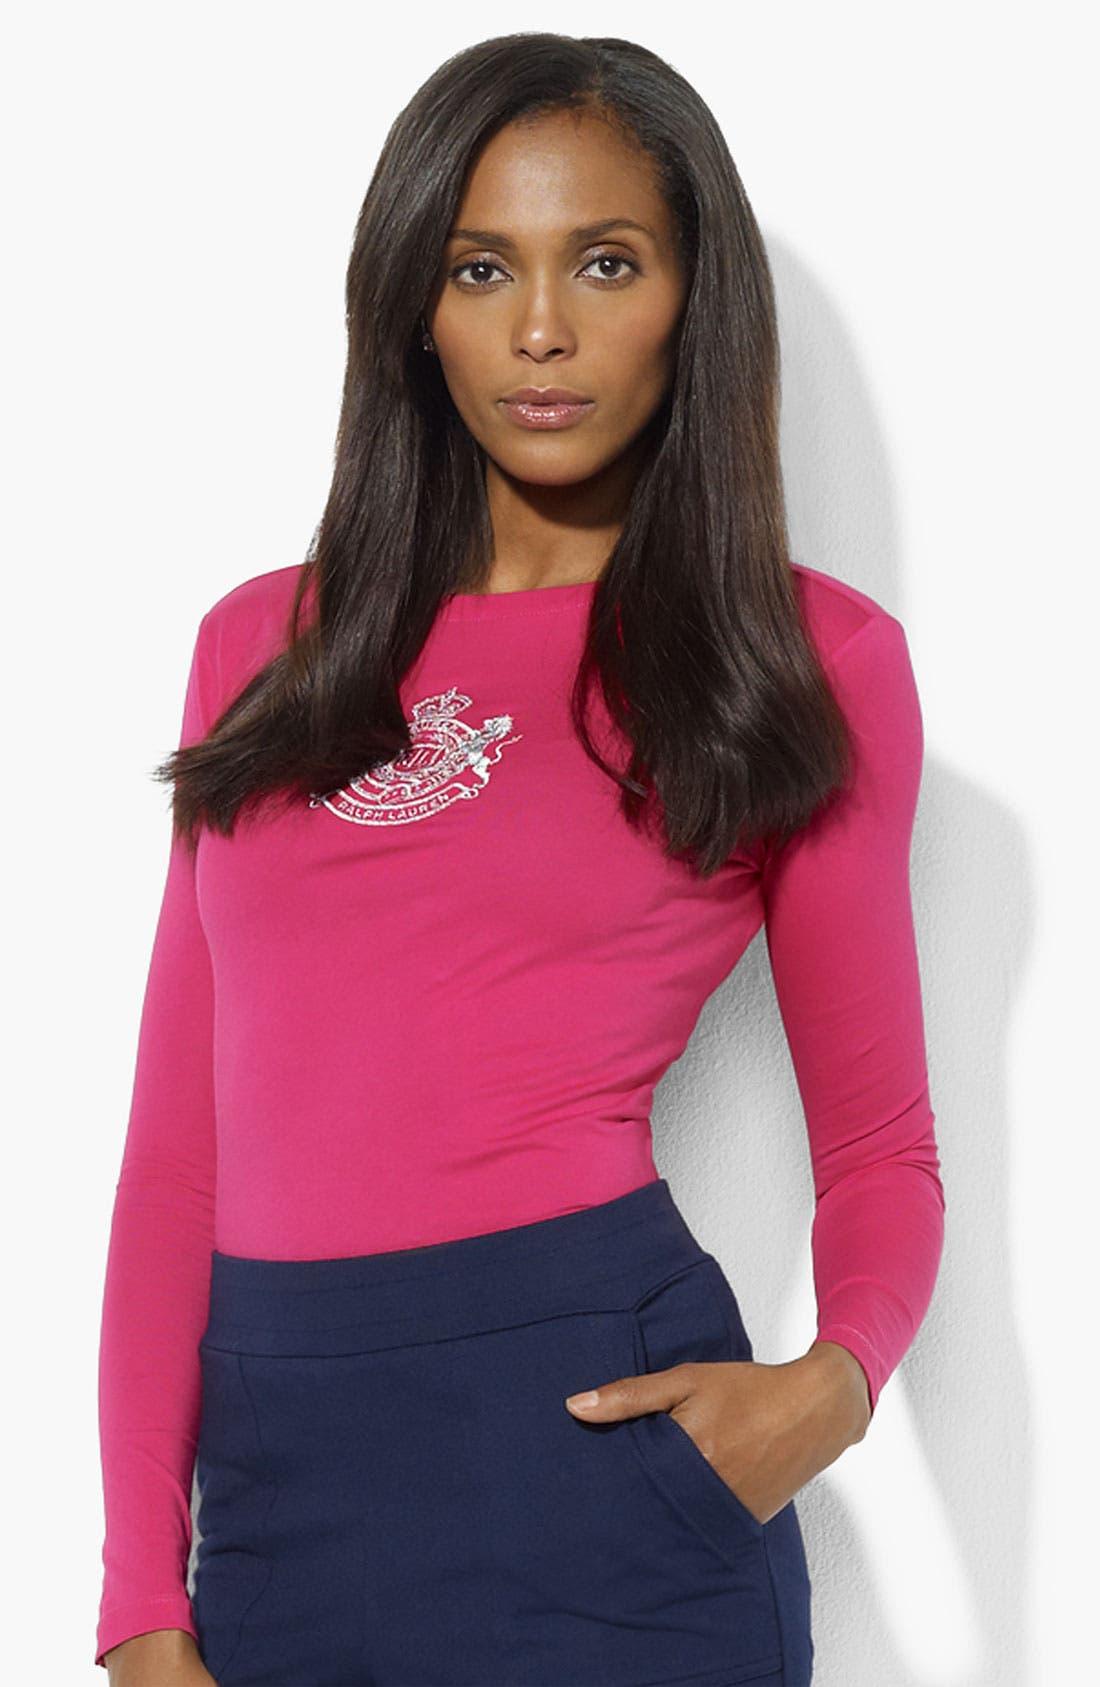 Alternate Image 1 Selected - Lauren Ralph Lauren Logo Tee (Petite) (Online Exclusive)